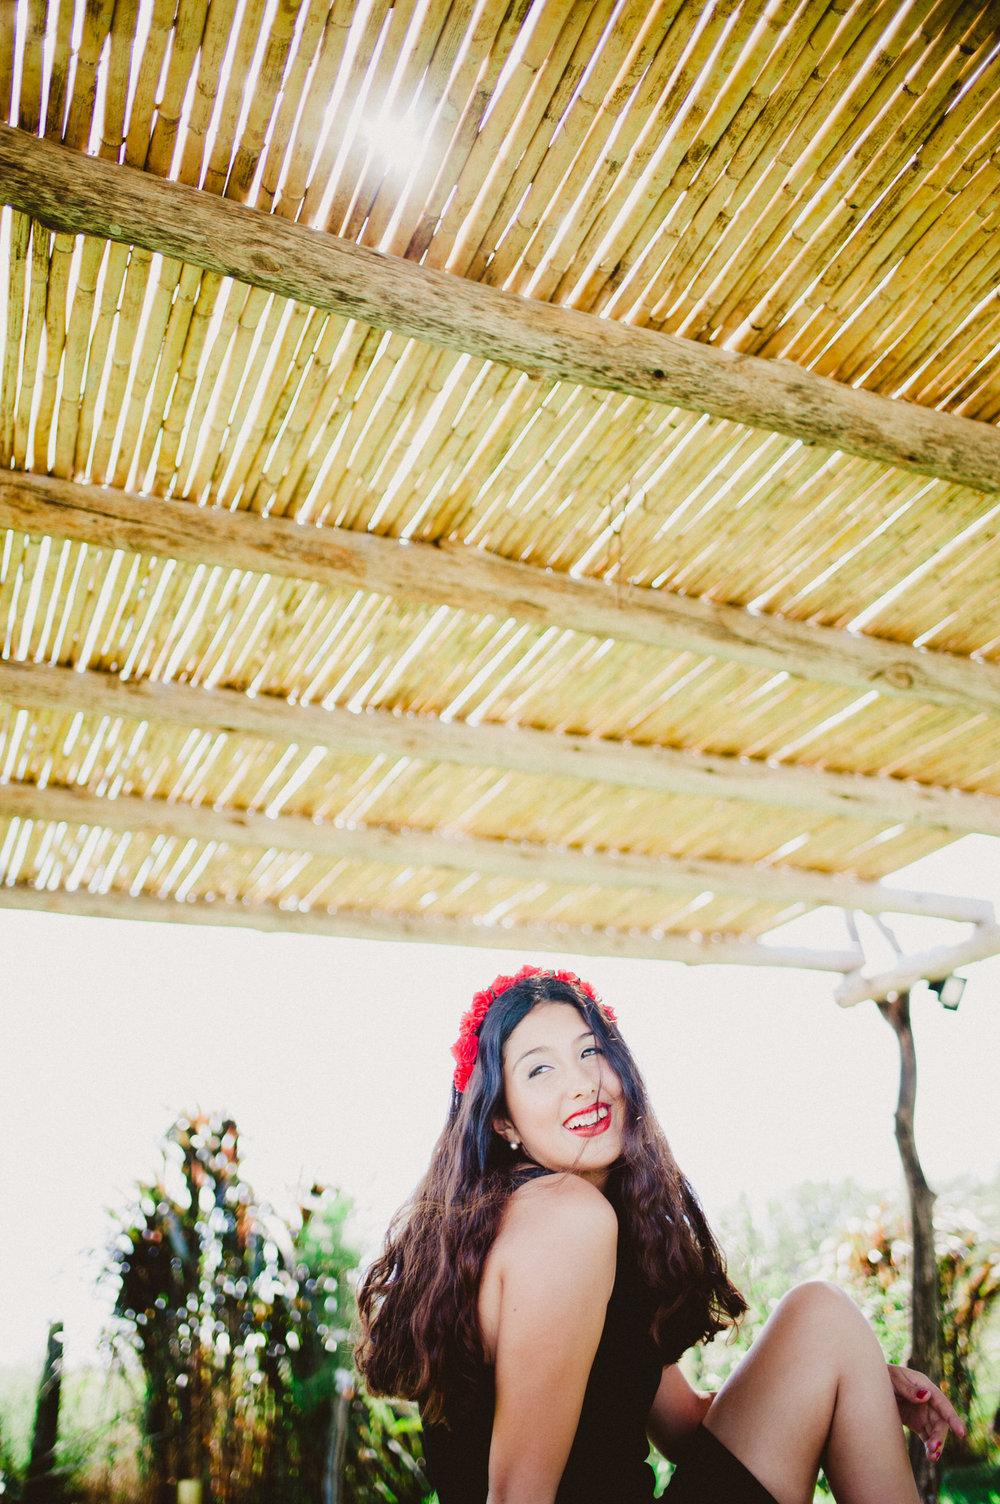 fotografo de quinceañeras 1193.JPG